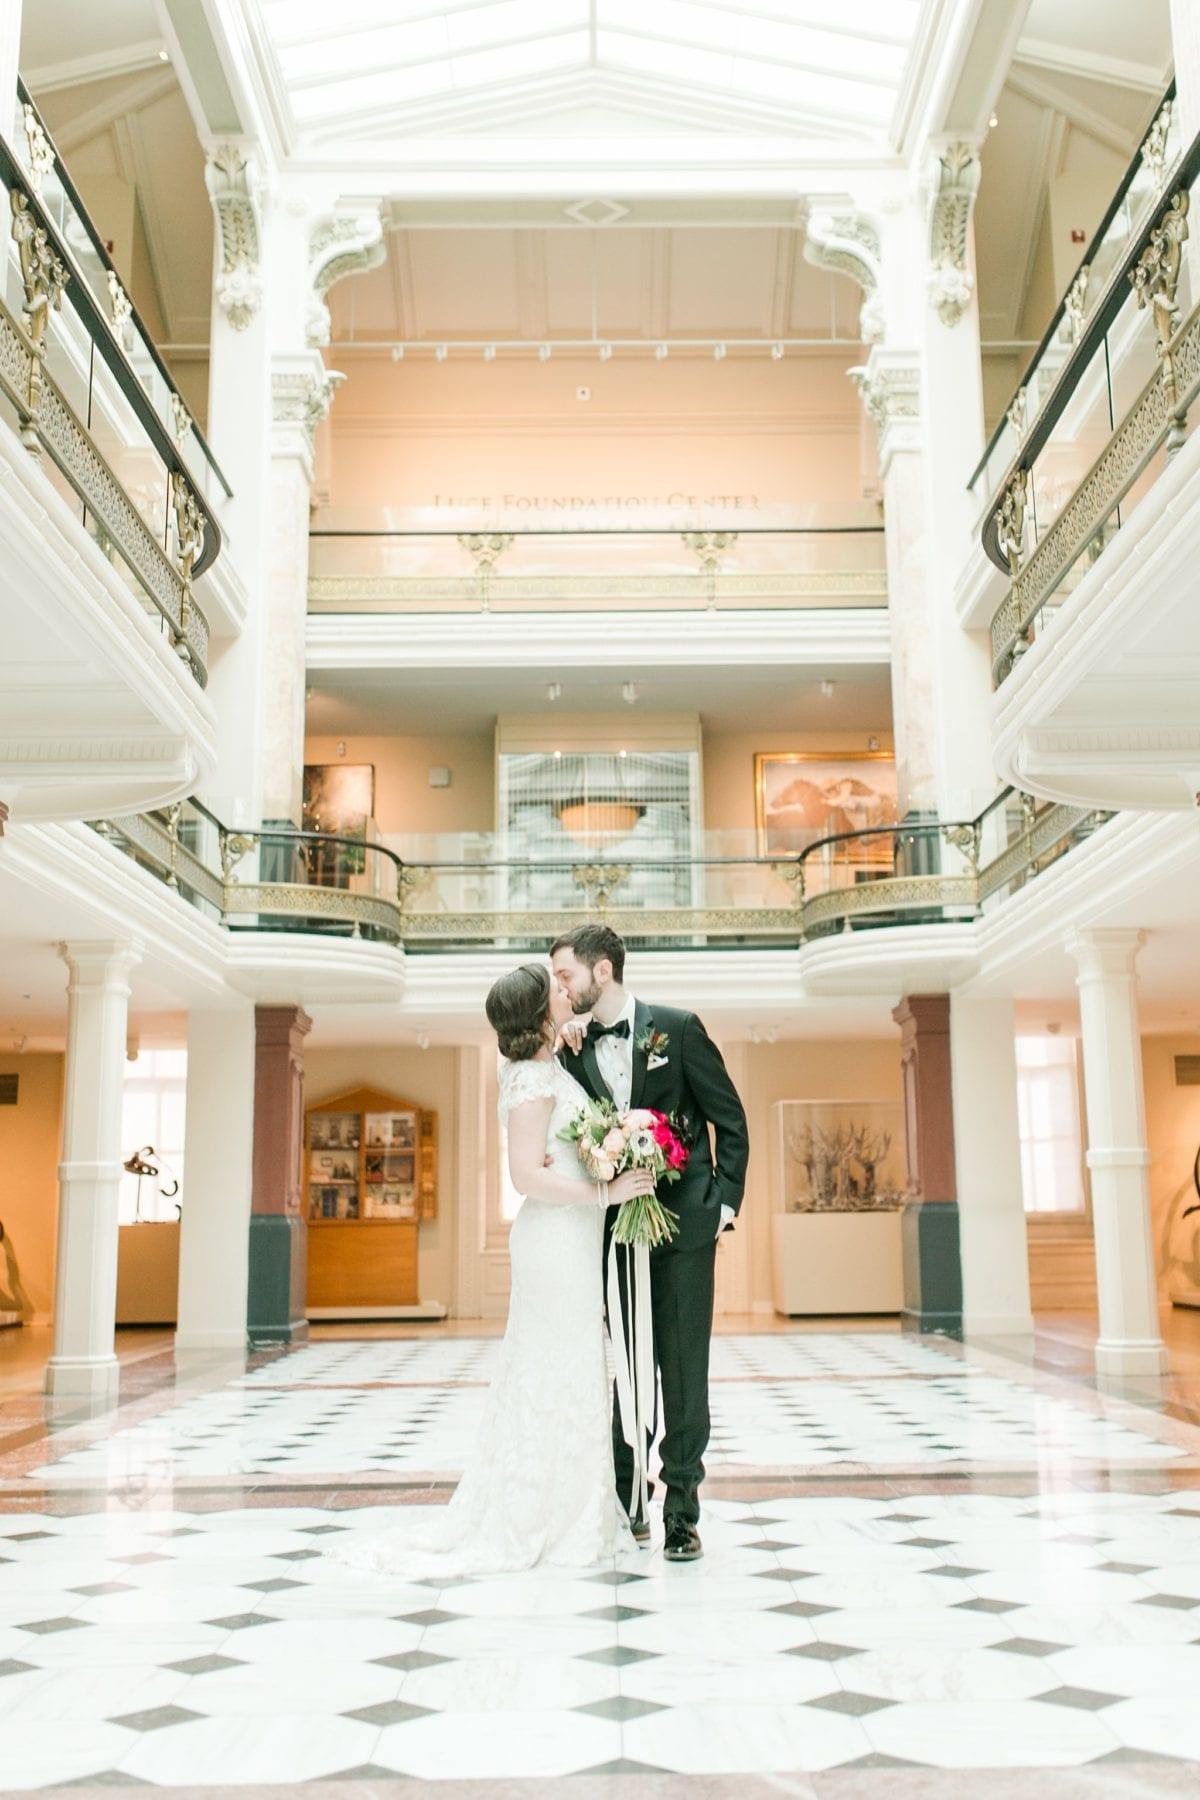 Hotel Monaco Washington DC Wedding Photos Megan Kelsey Photography Erin & Mike -149